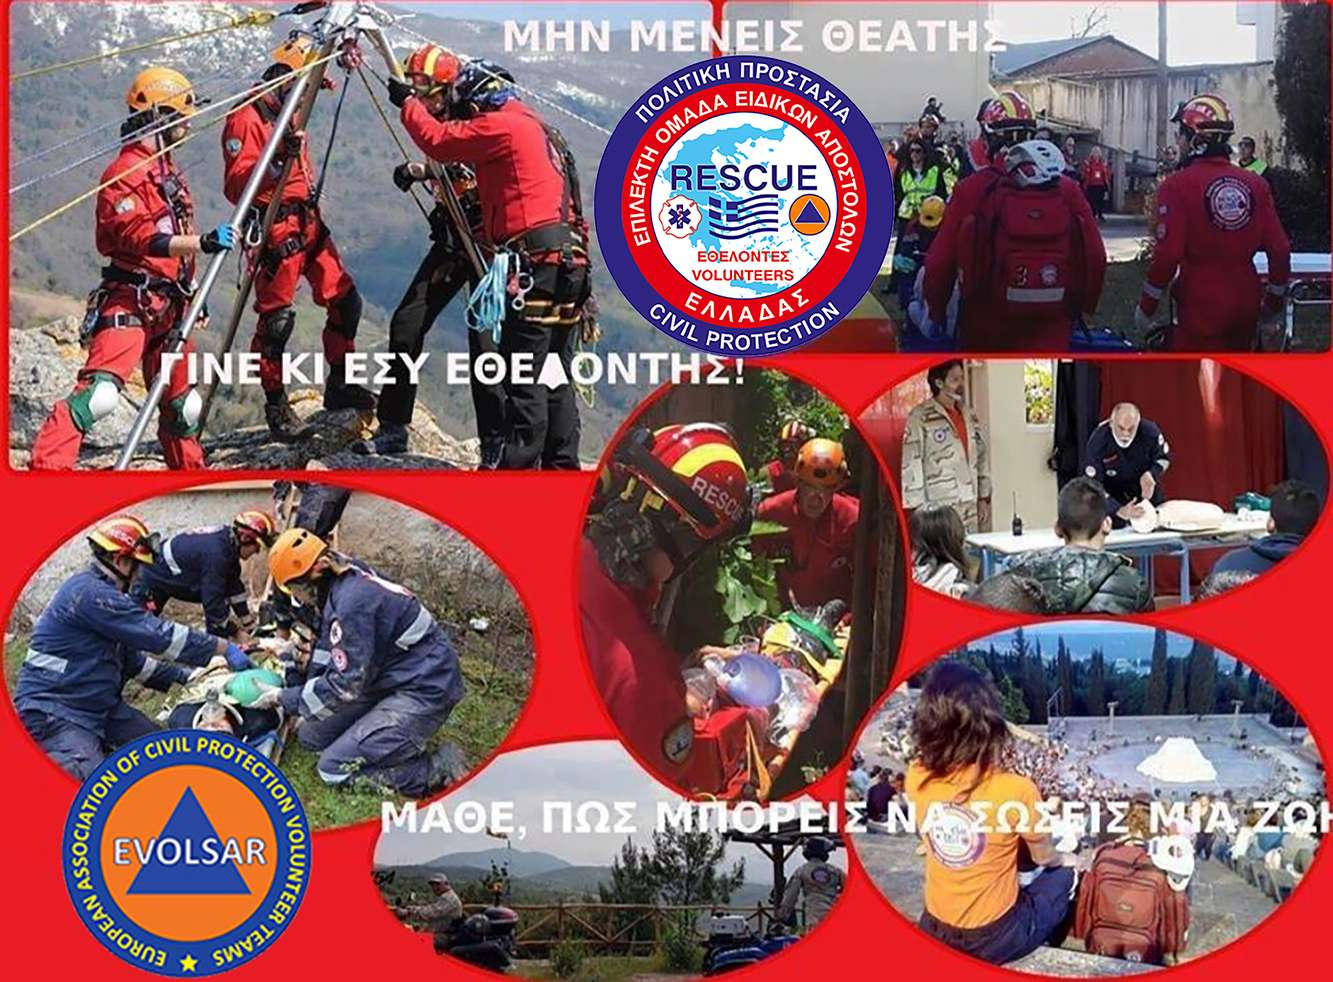 πυροσβεστικό σώμα και ο εθελοντισμός σαν μέσο χειραγώγησης